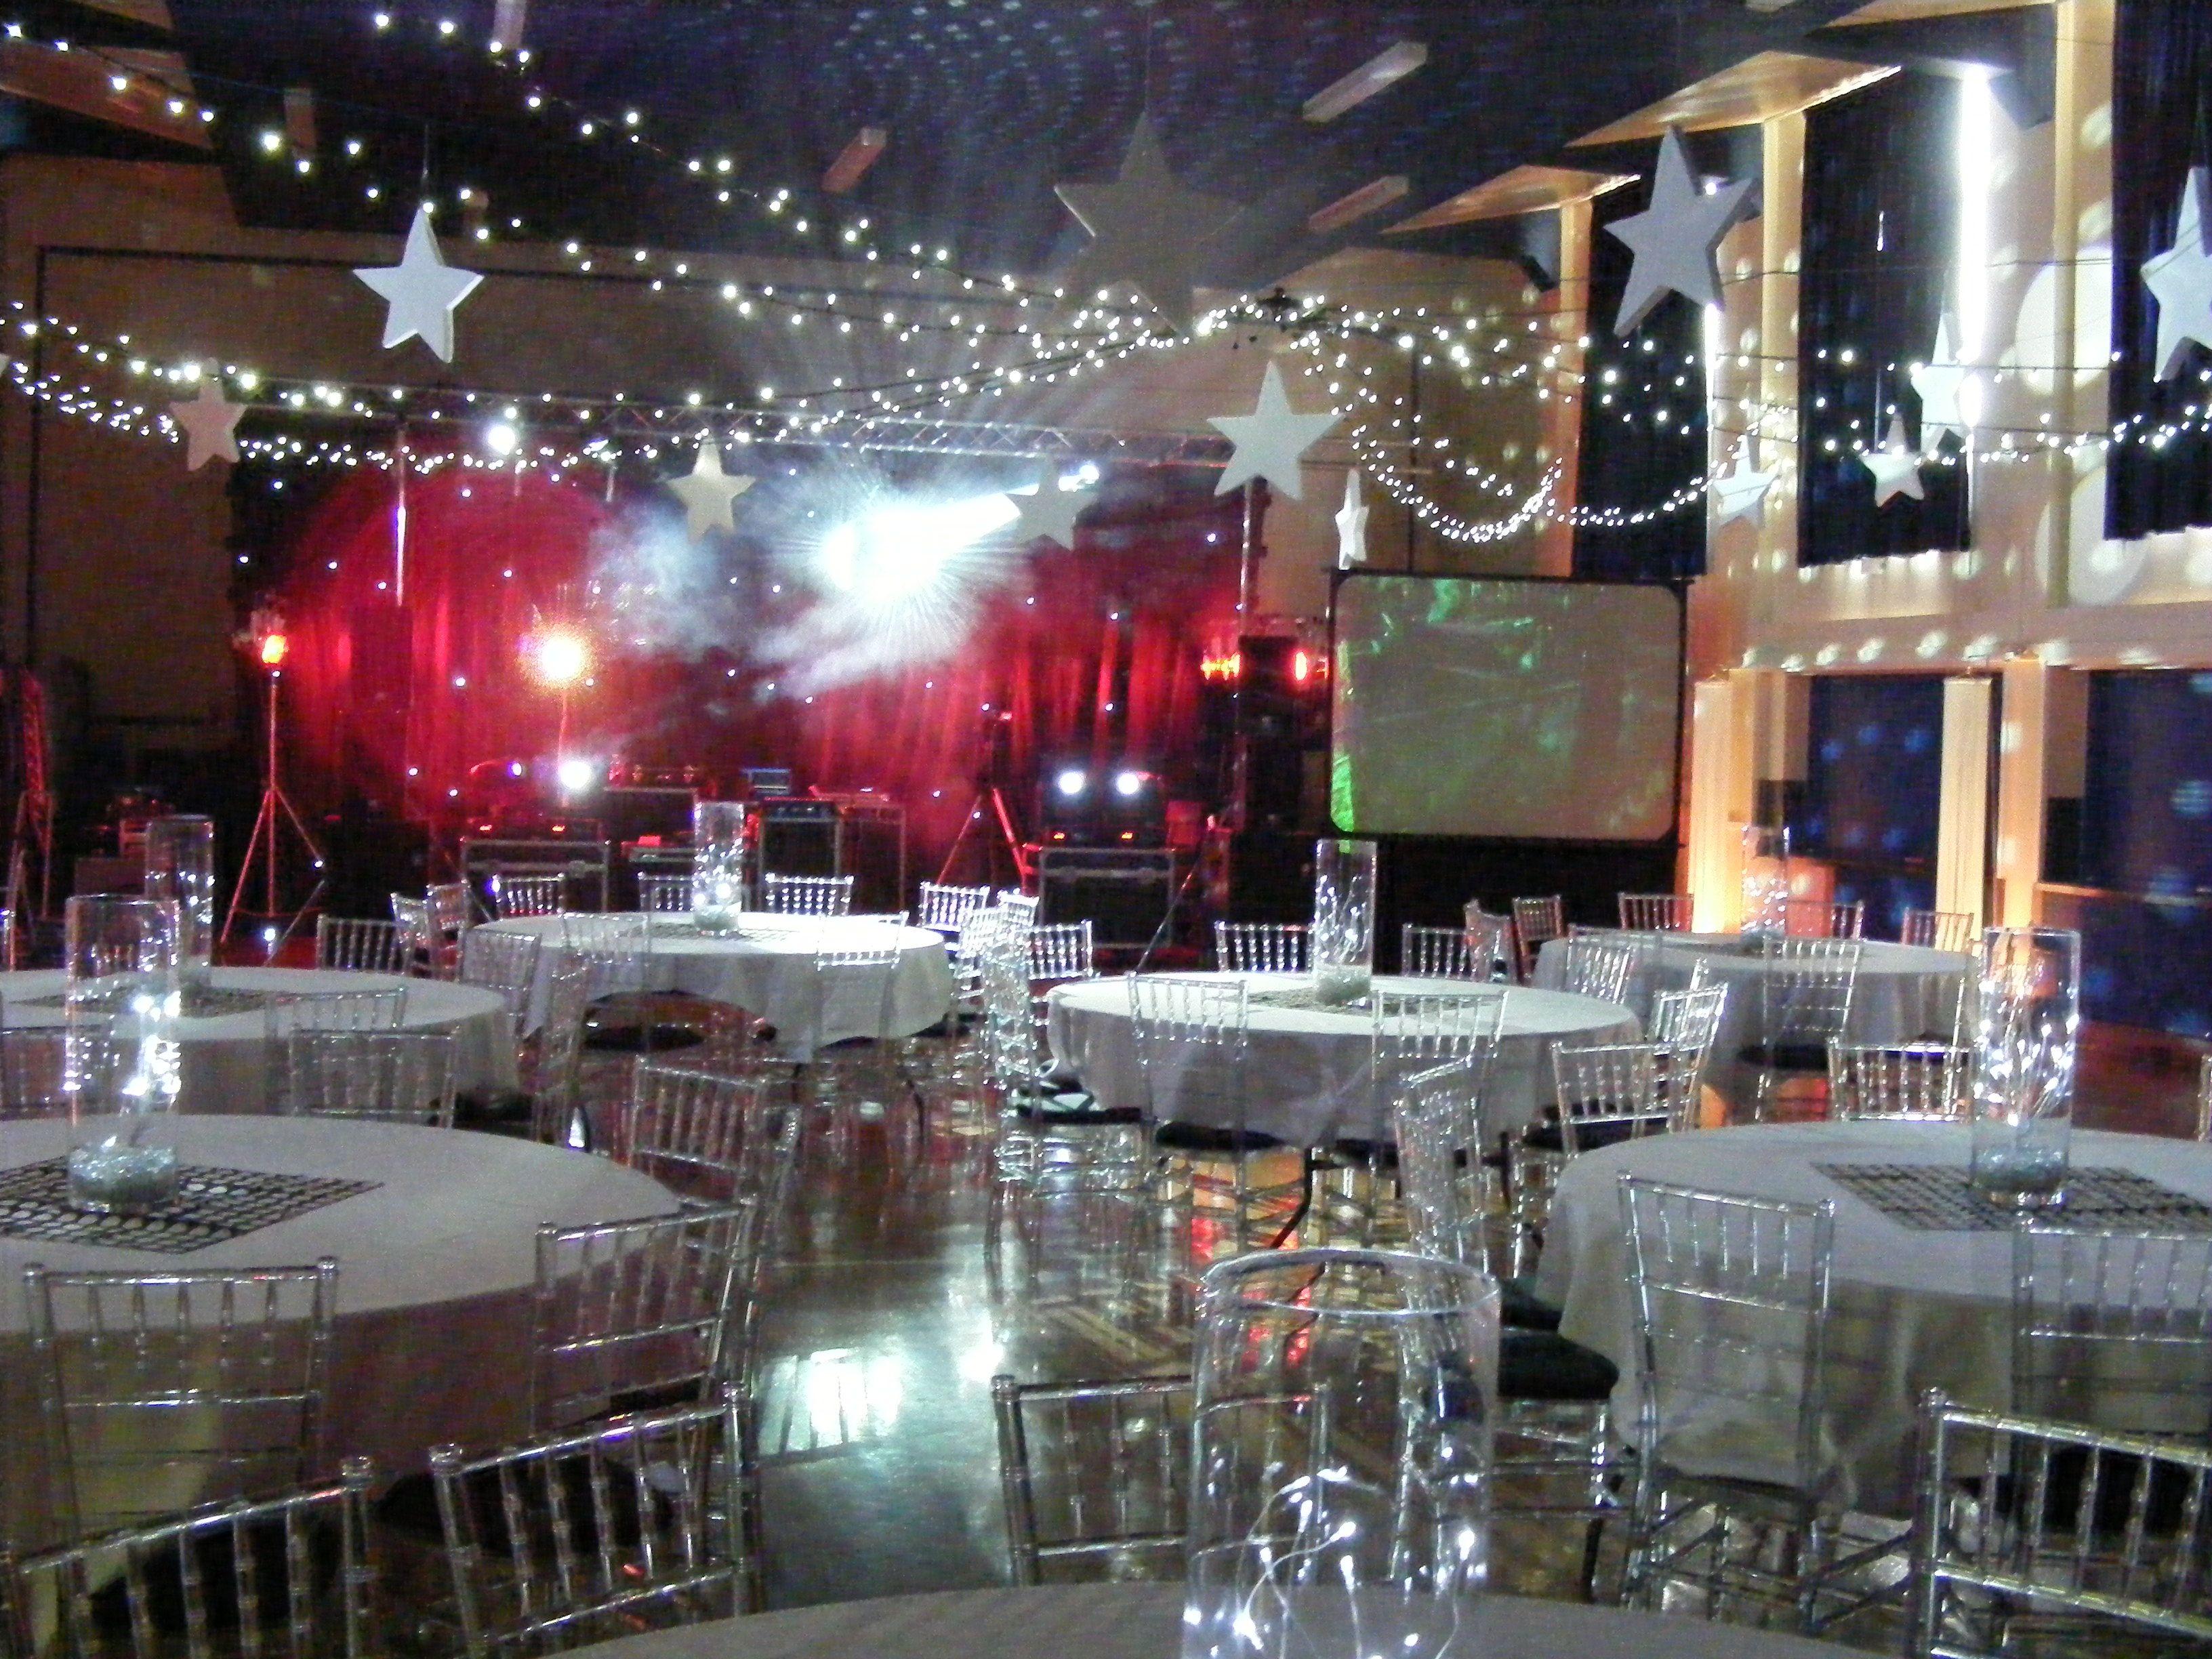 disco party ideas steve jolly pa hire disco dj hire av hire - Disco Party Decorations